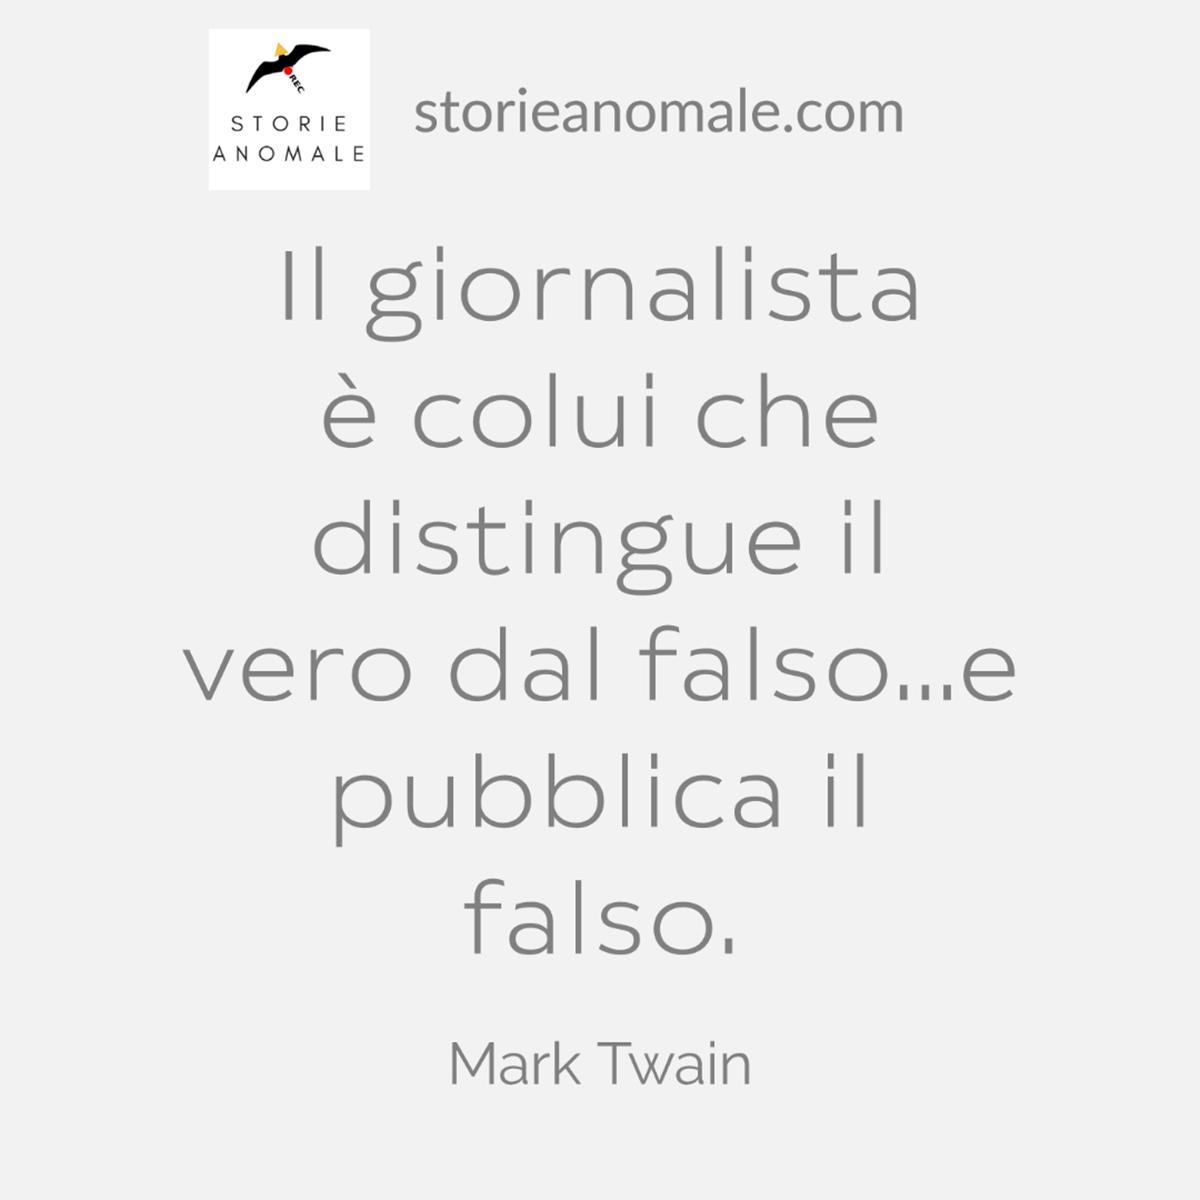 Il giornalista è colui che distingue il vero dal falso...e pubblica il falso. - Mark Twain